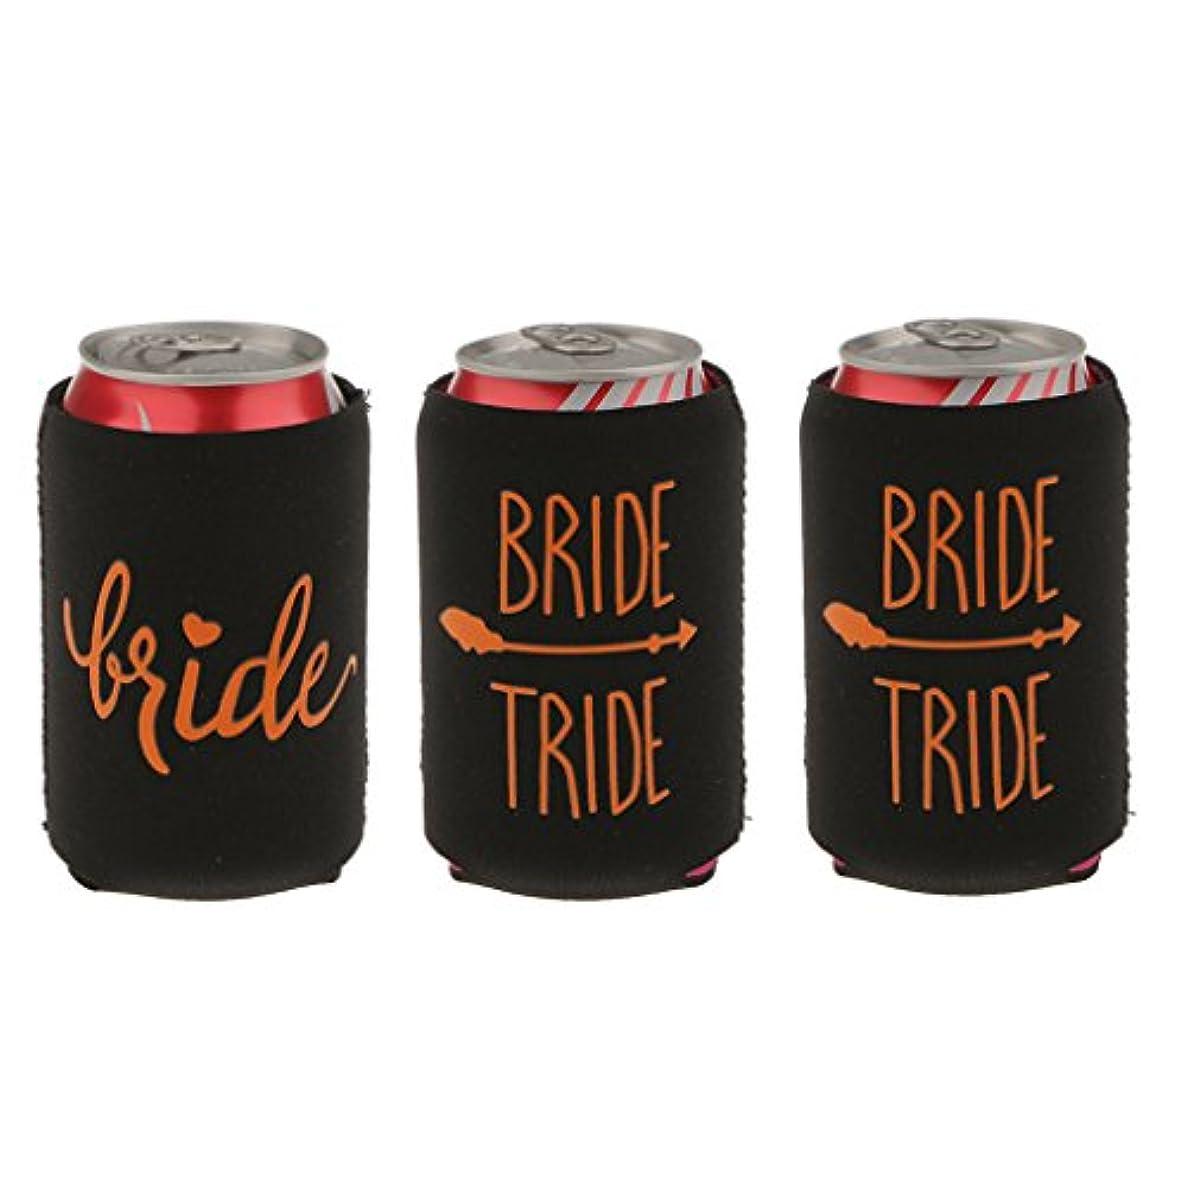 幻想的上回るブラシHellery 3枚セット 缶クーラー スリーブ カバー 缶クージー スズ 保冷 保温 ビール コーヒー ネオプレン